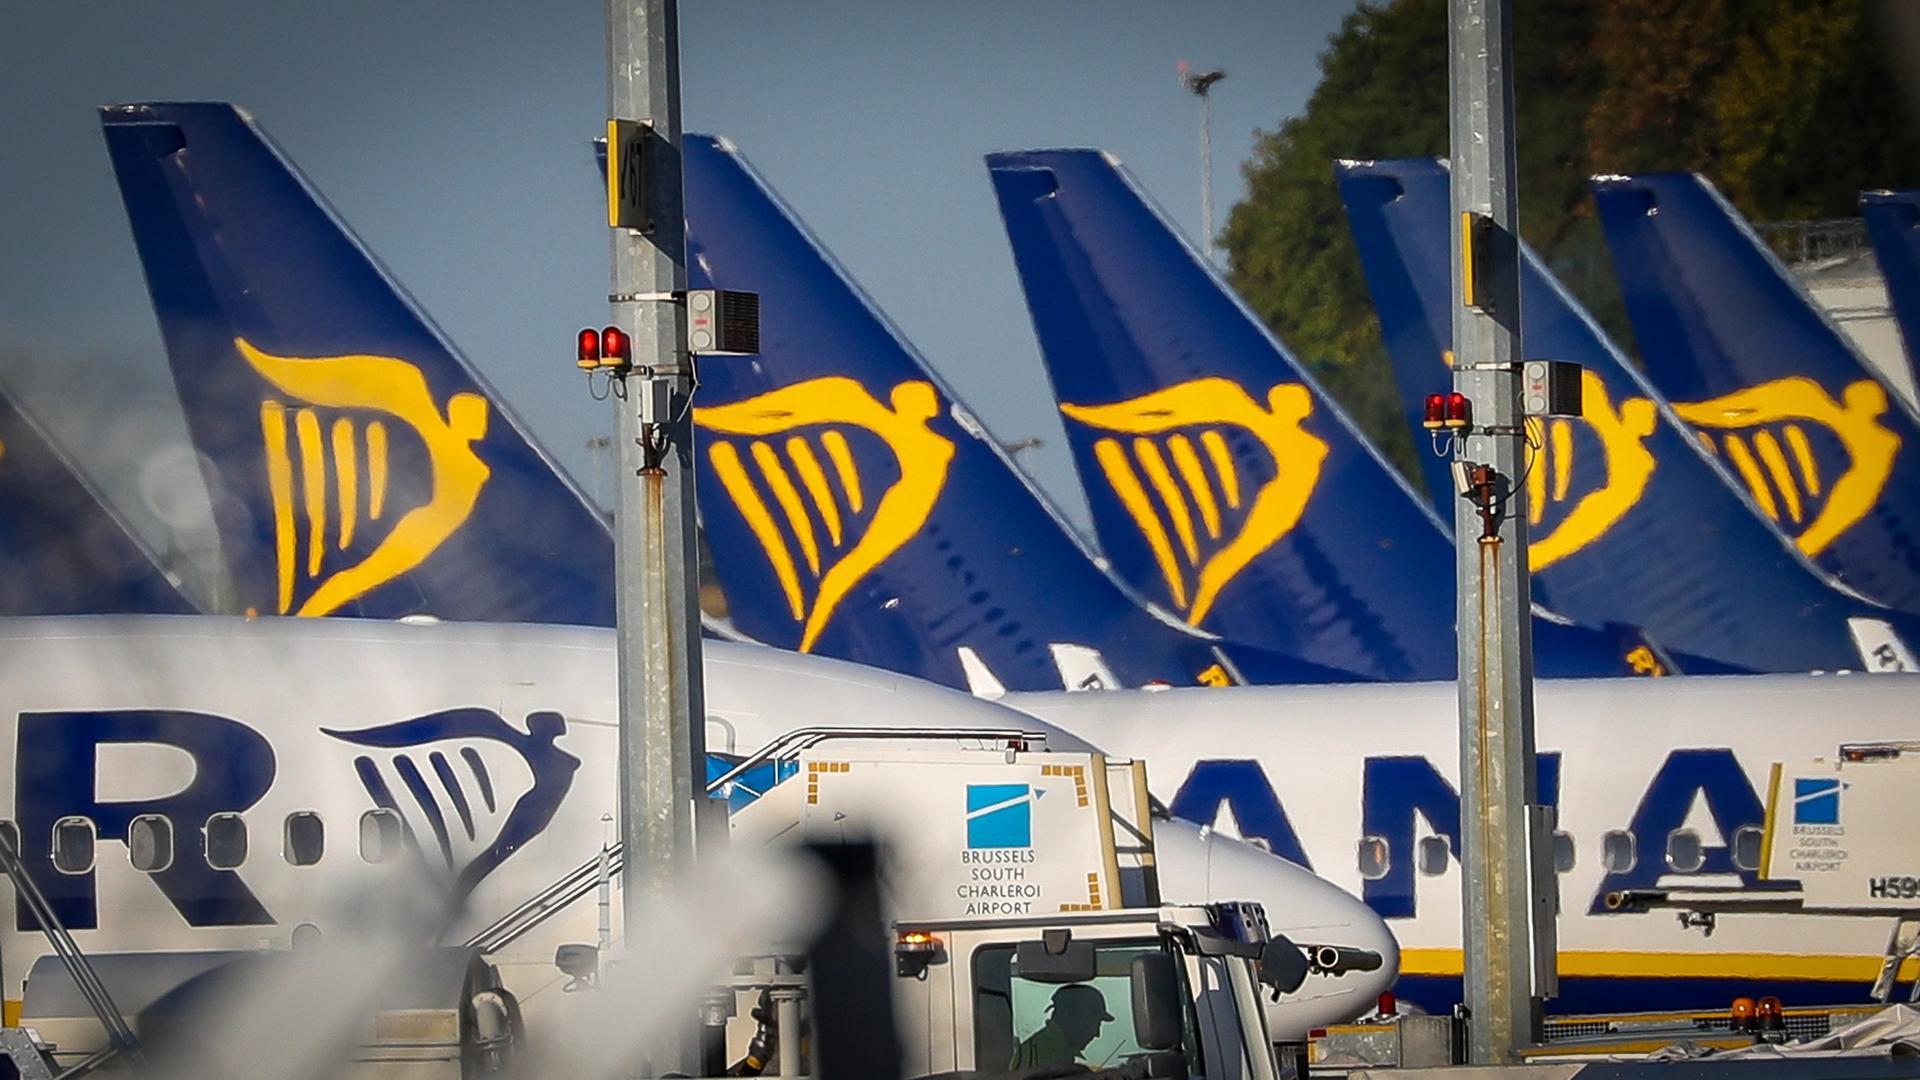 Irische Fluggesellschaft : Cockpit ruft Ryanair-Piloten zum Streik ...